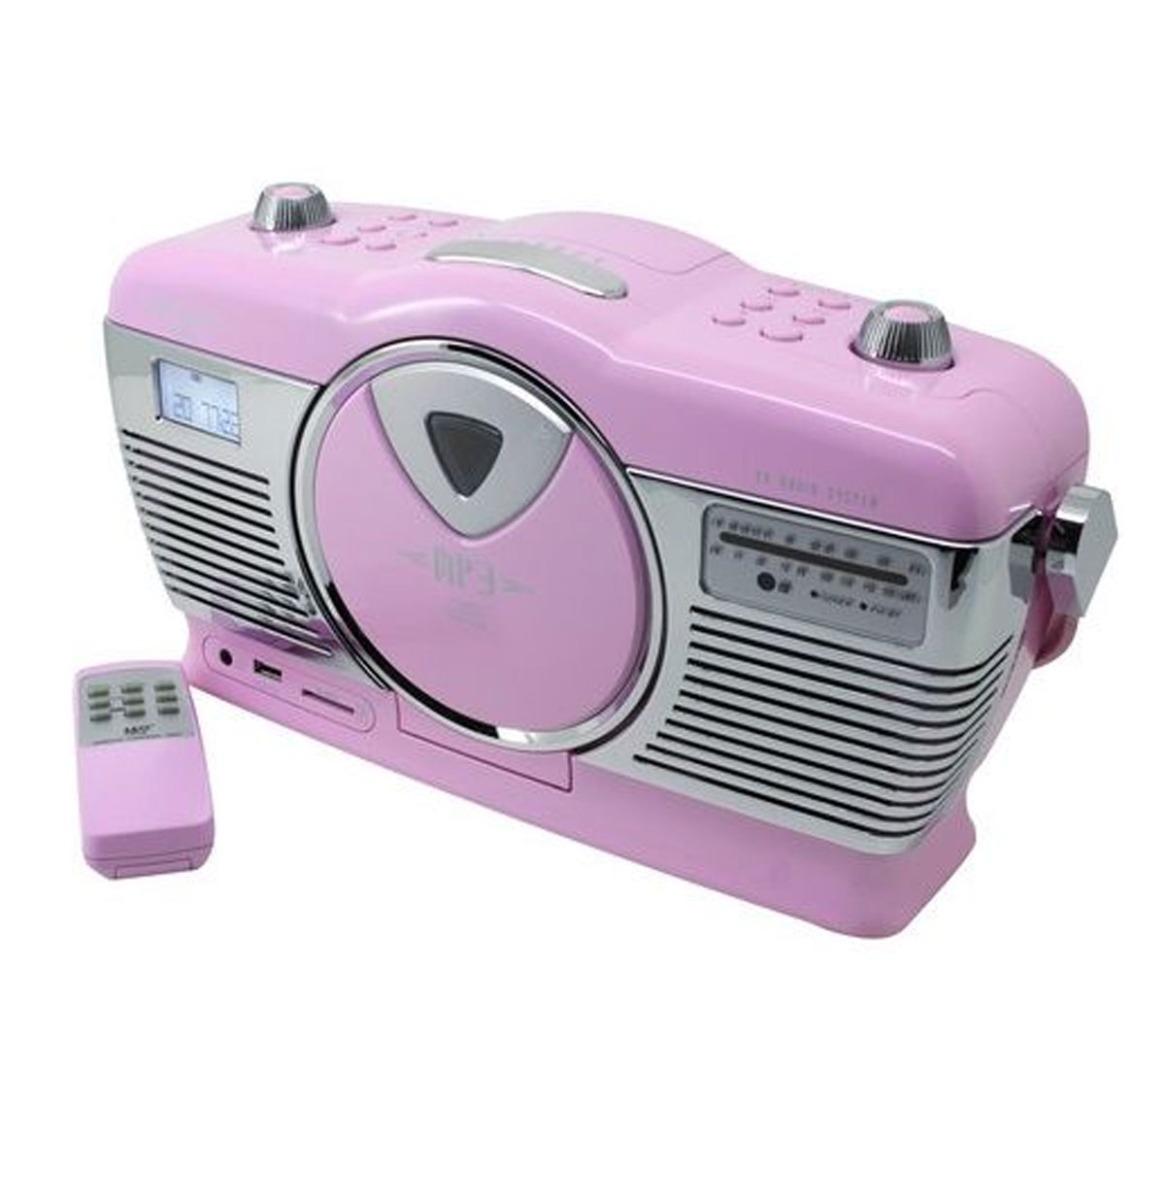 Soundmaster Retro Radio - Met CD Speler En USB/SD Aansluiting